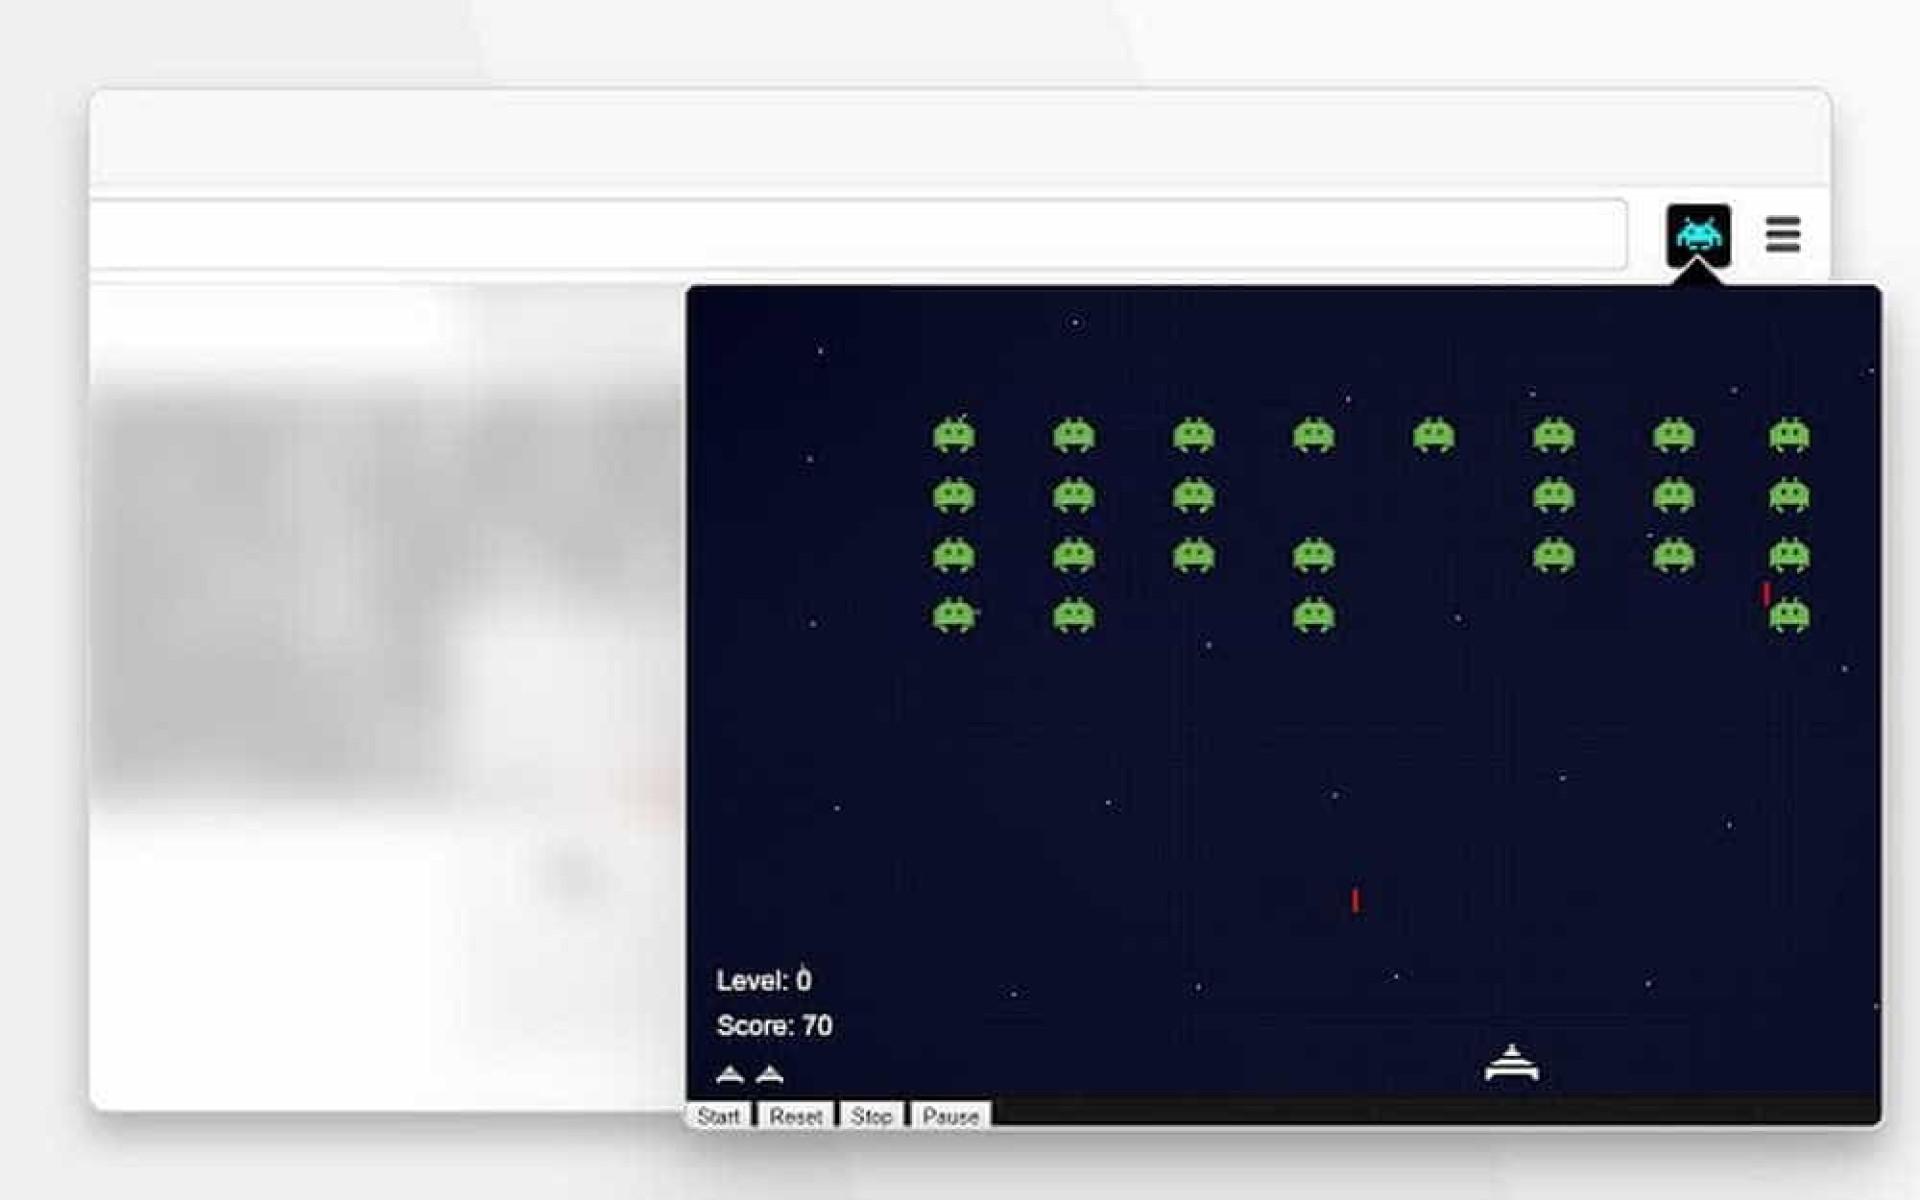 Veja oito extensões com jogos para Google Chrome